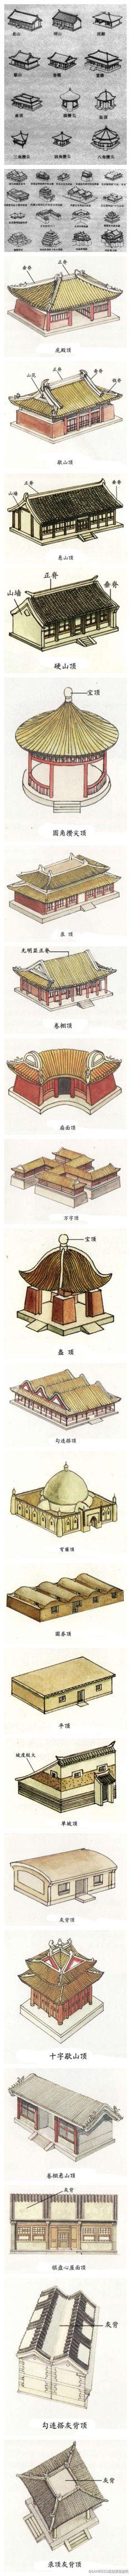 中國古建築的屋頂形式